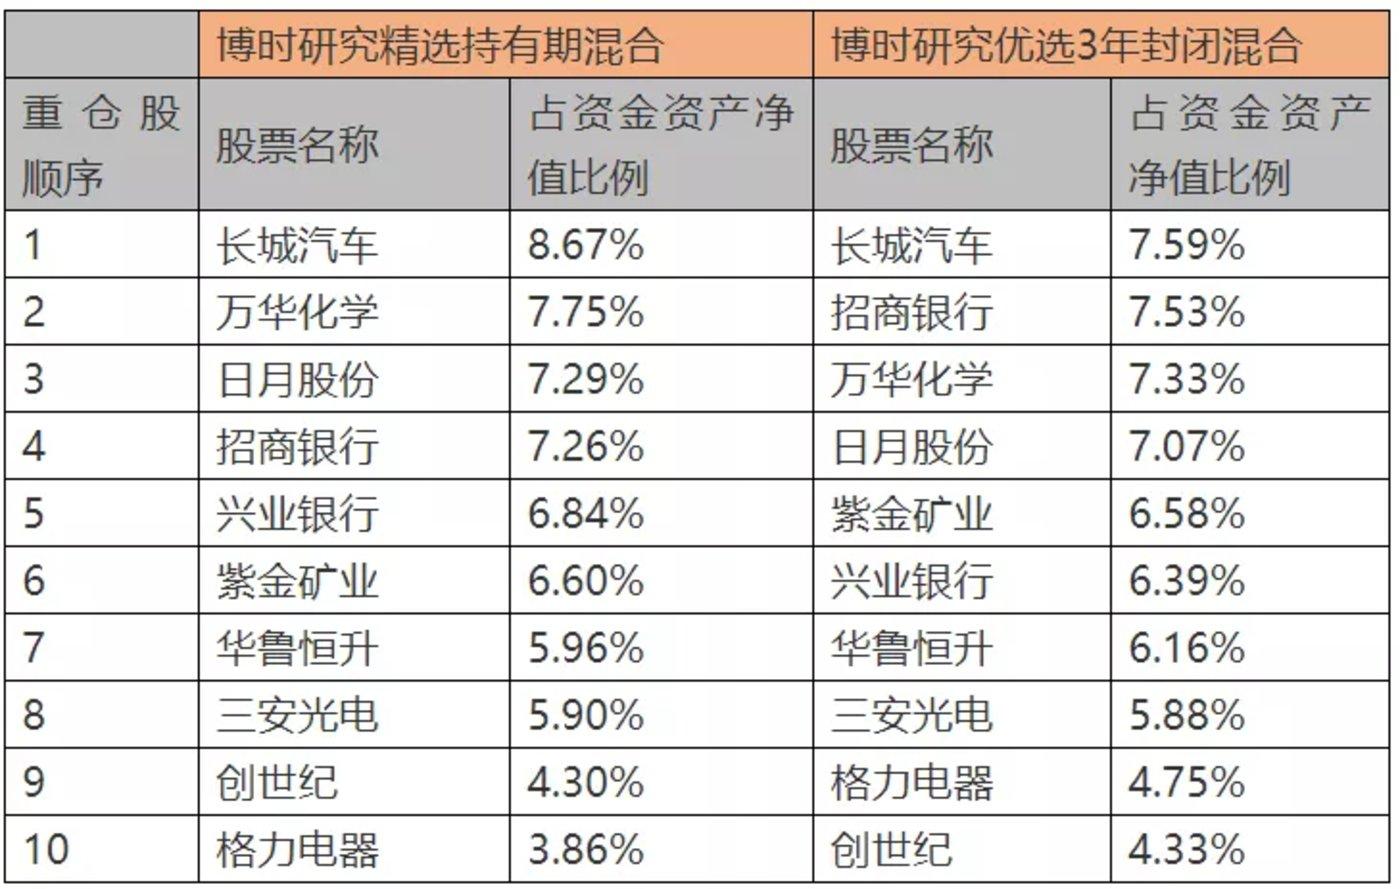 数据来源:基金2021年一季度报告